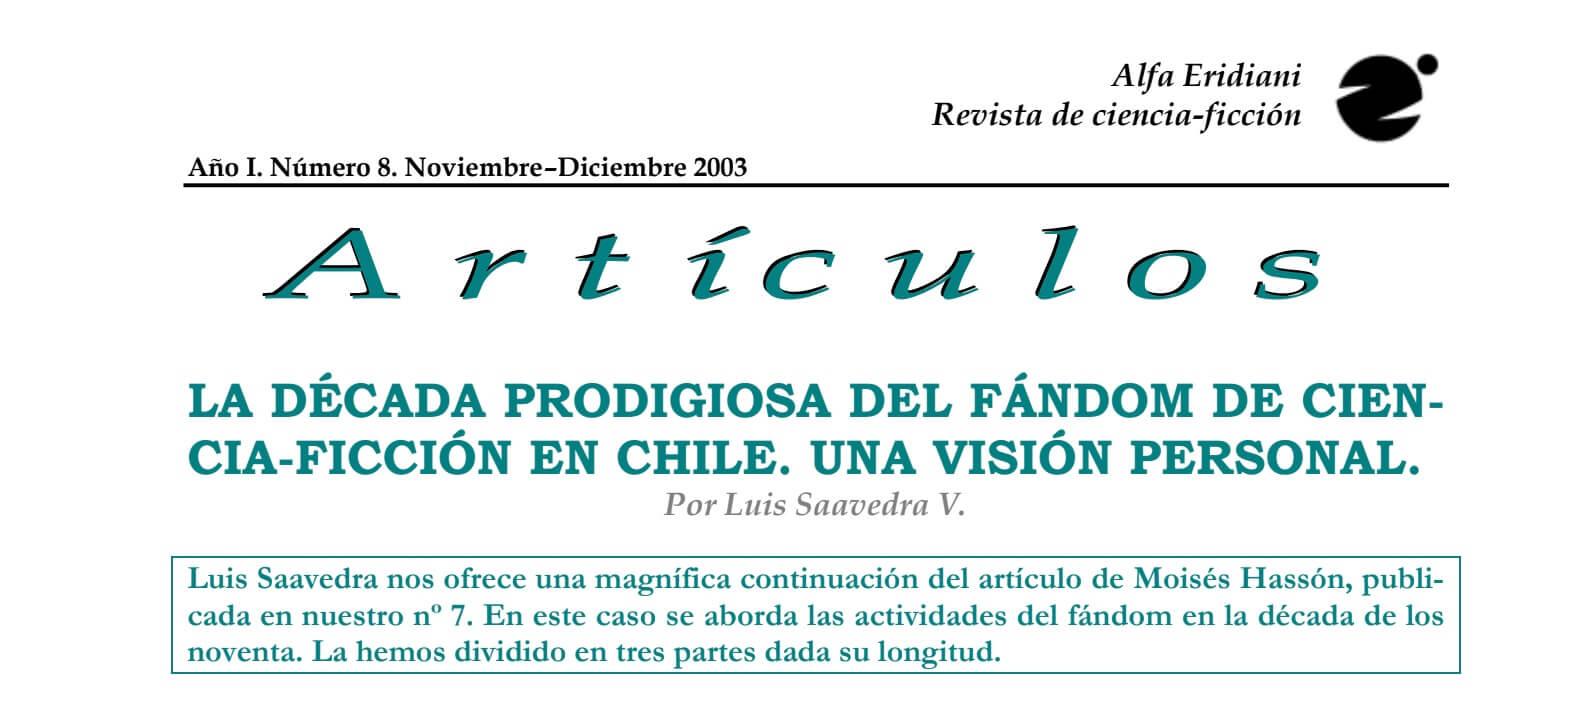 La década prodigiosa del fandom de ciencia ficción en Chile